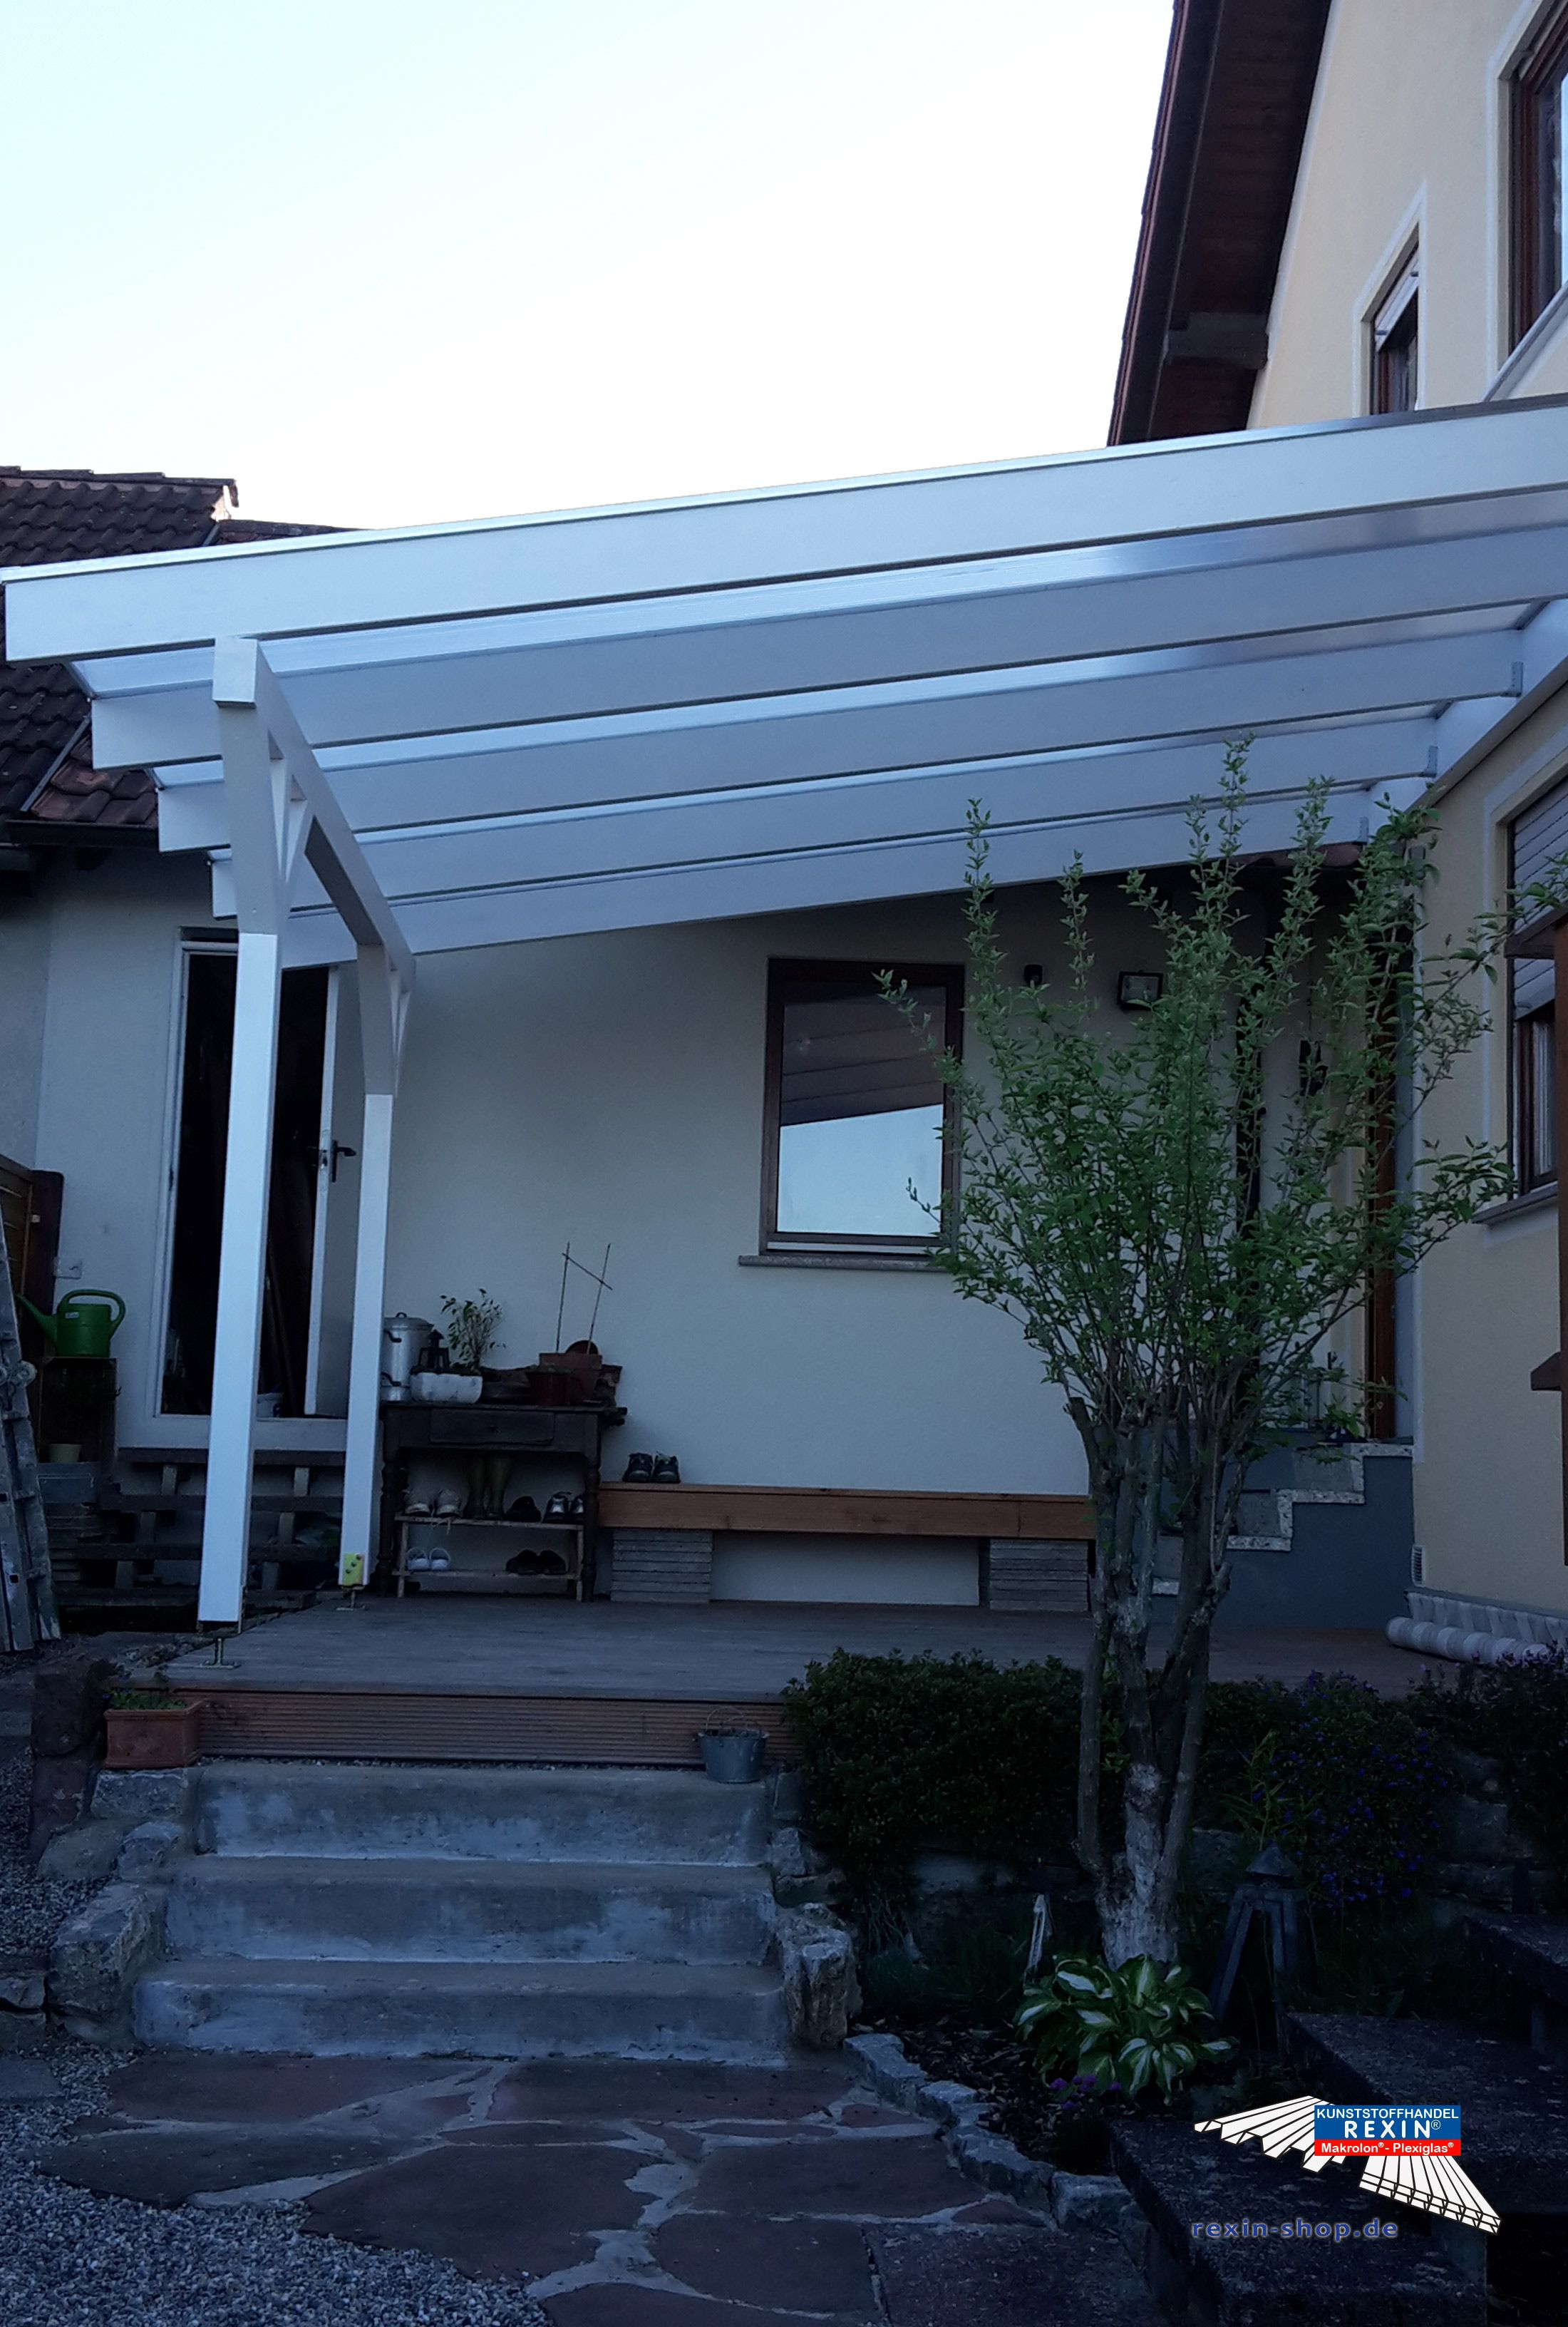 Ein Holz Terrassendach Der Marke Rexocomplete Xxl 4m X 4 5m In Der